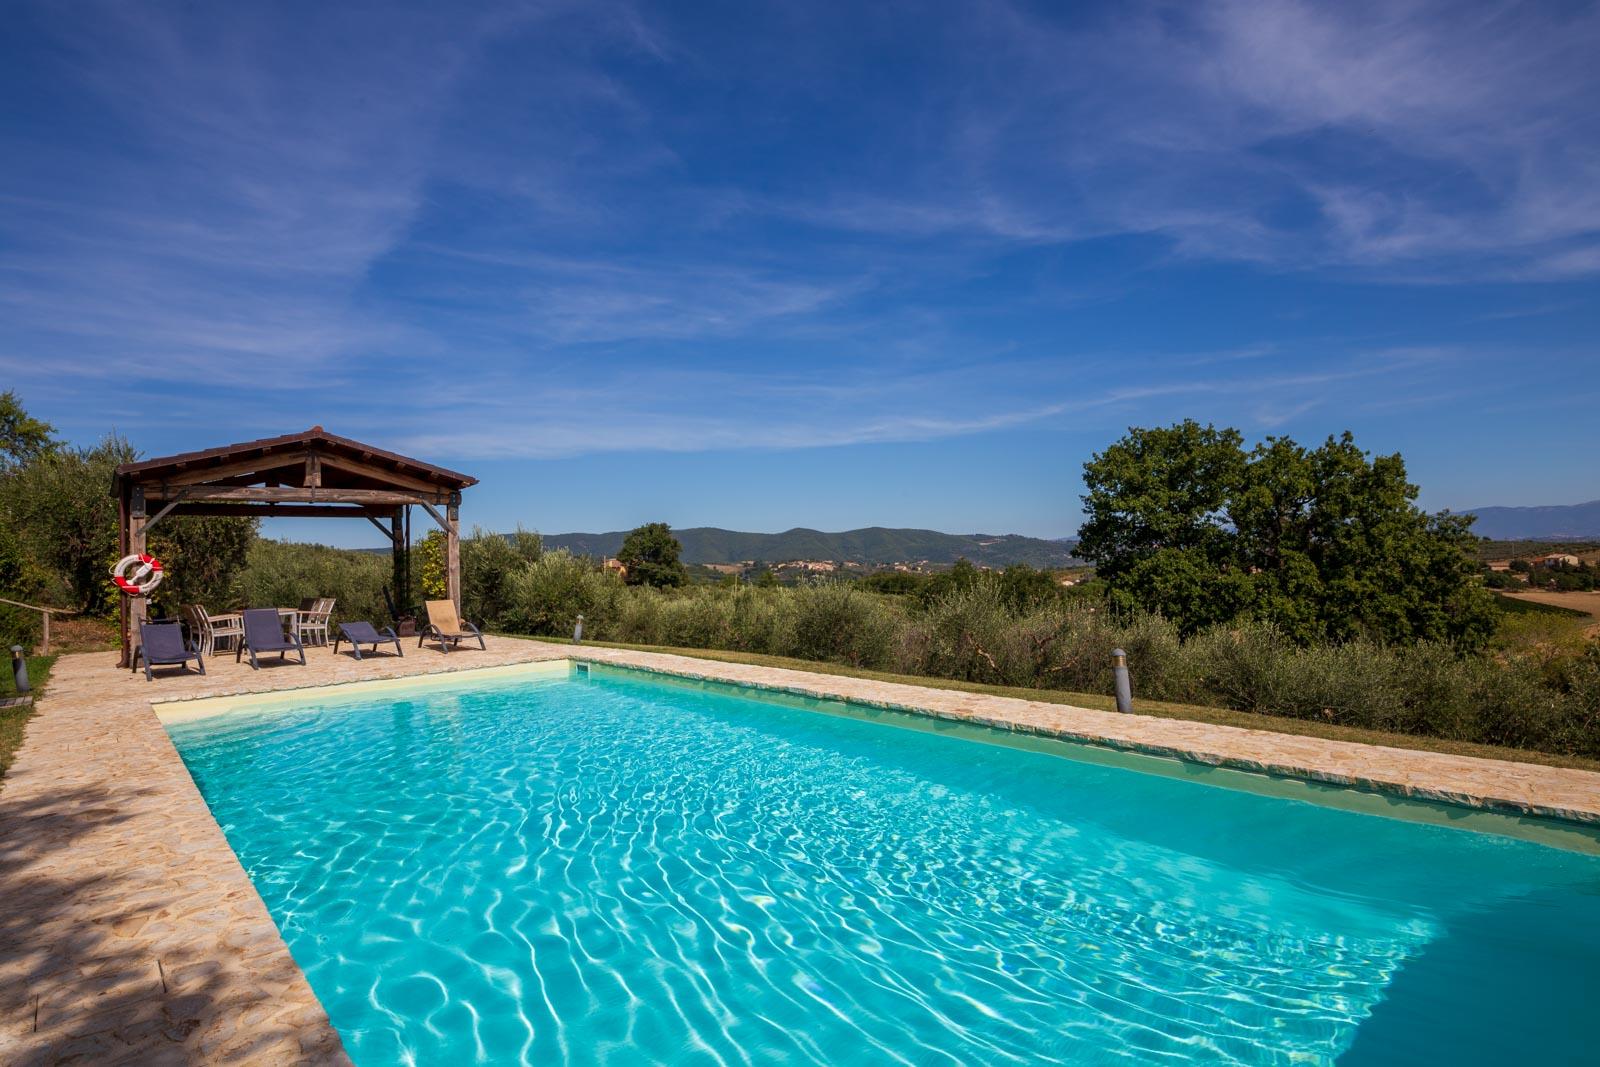 Villa in stile moderno con piscina, situata ai margini di un caratteristico paesino tra Todi e Montefalco